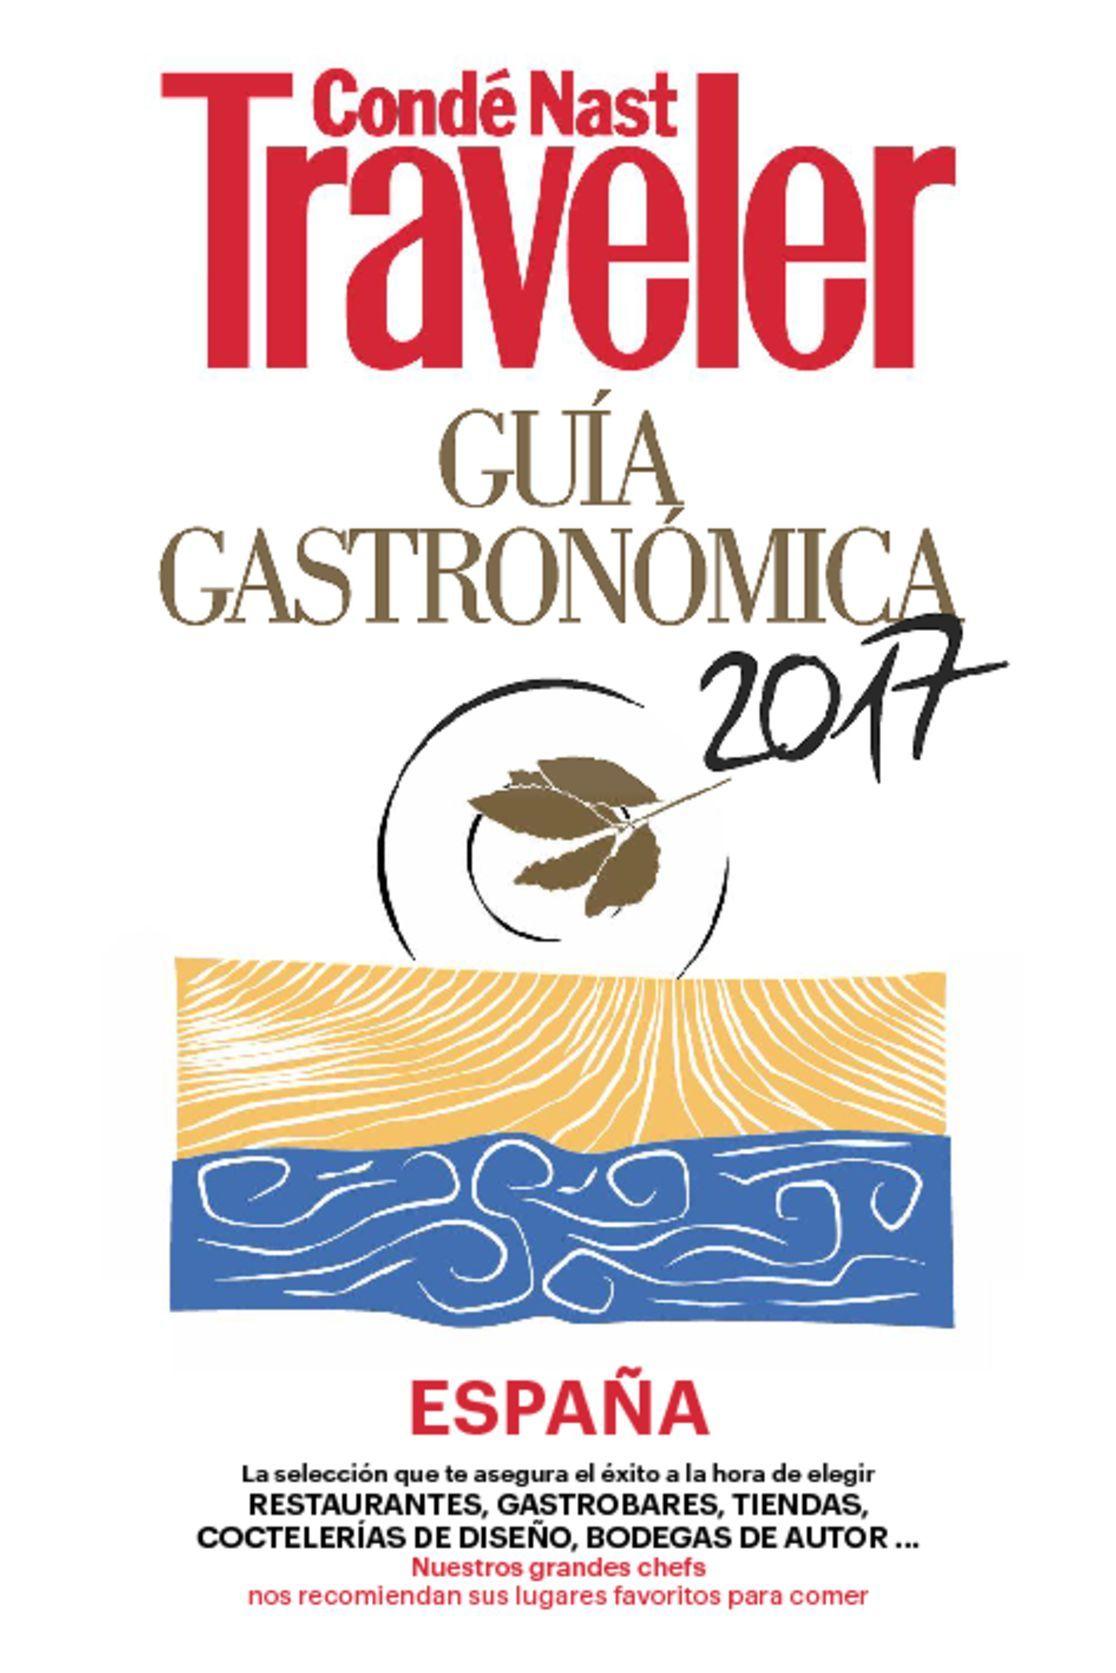 Condé Nast Traveler GUIA GASTRONOMICA Digital